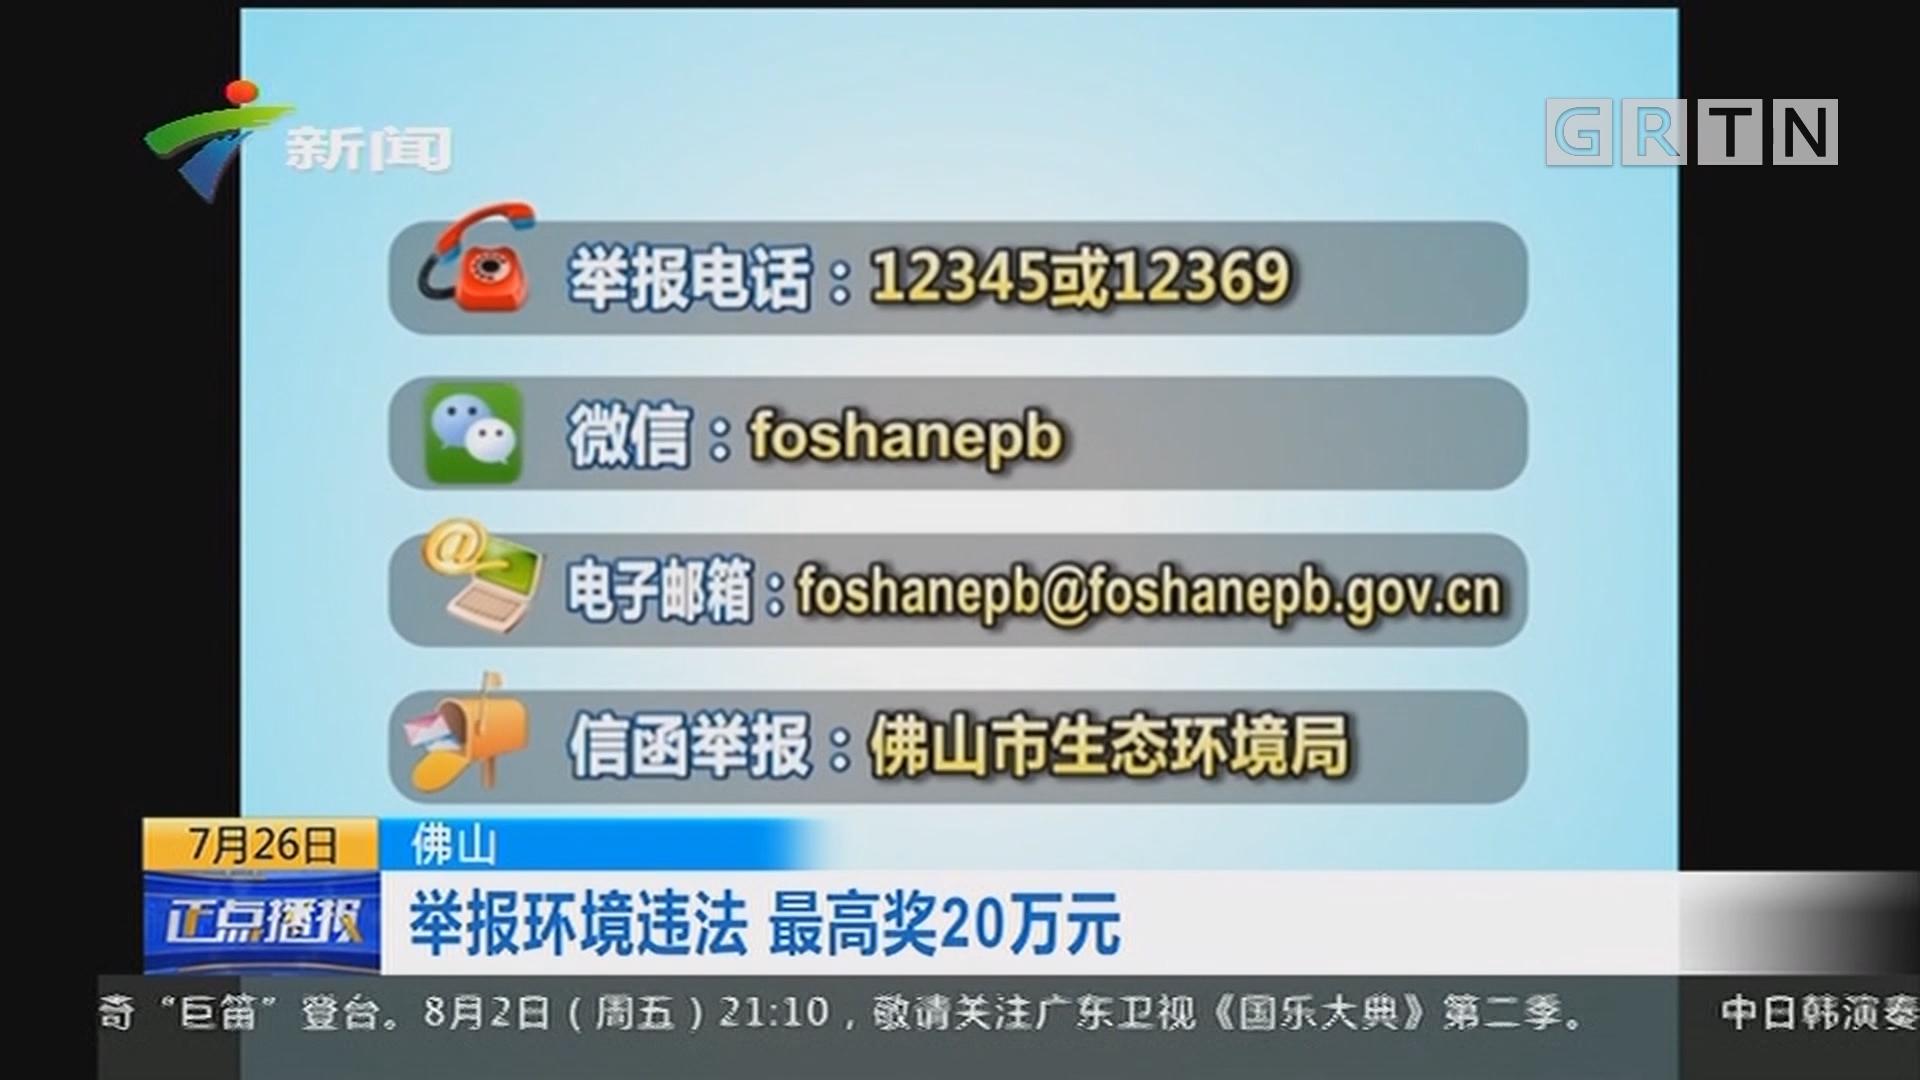 佛山:举报环境违法 最高奖20万元